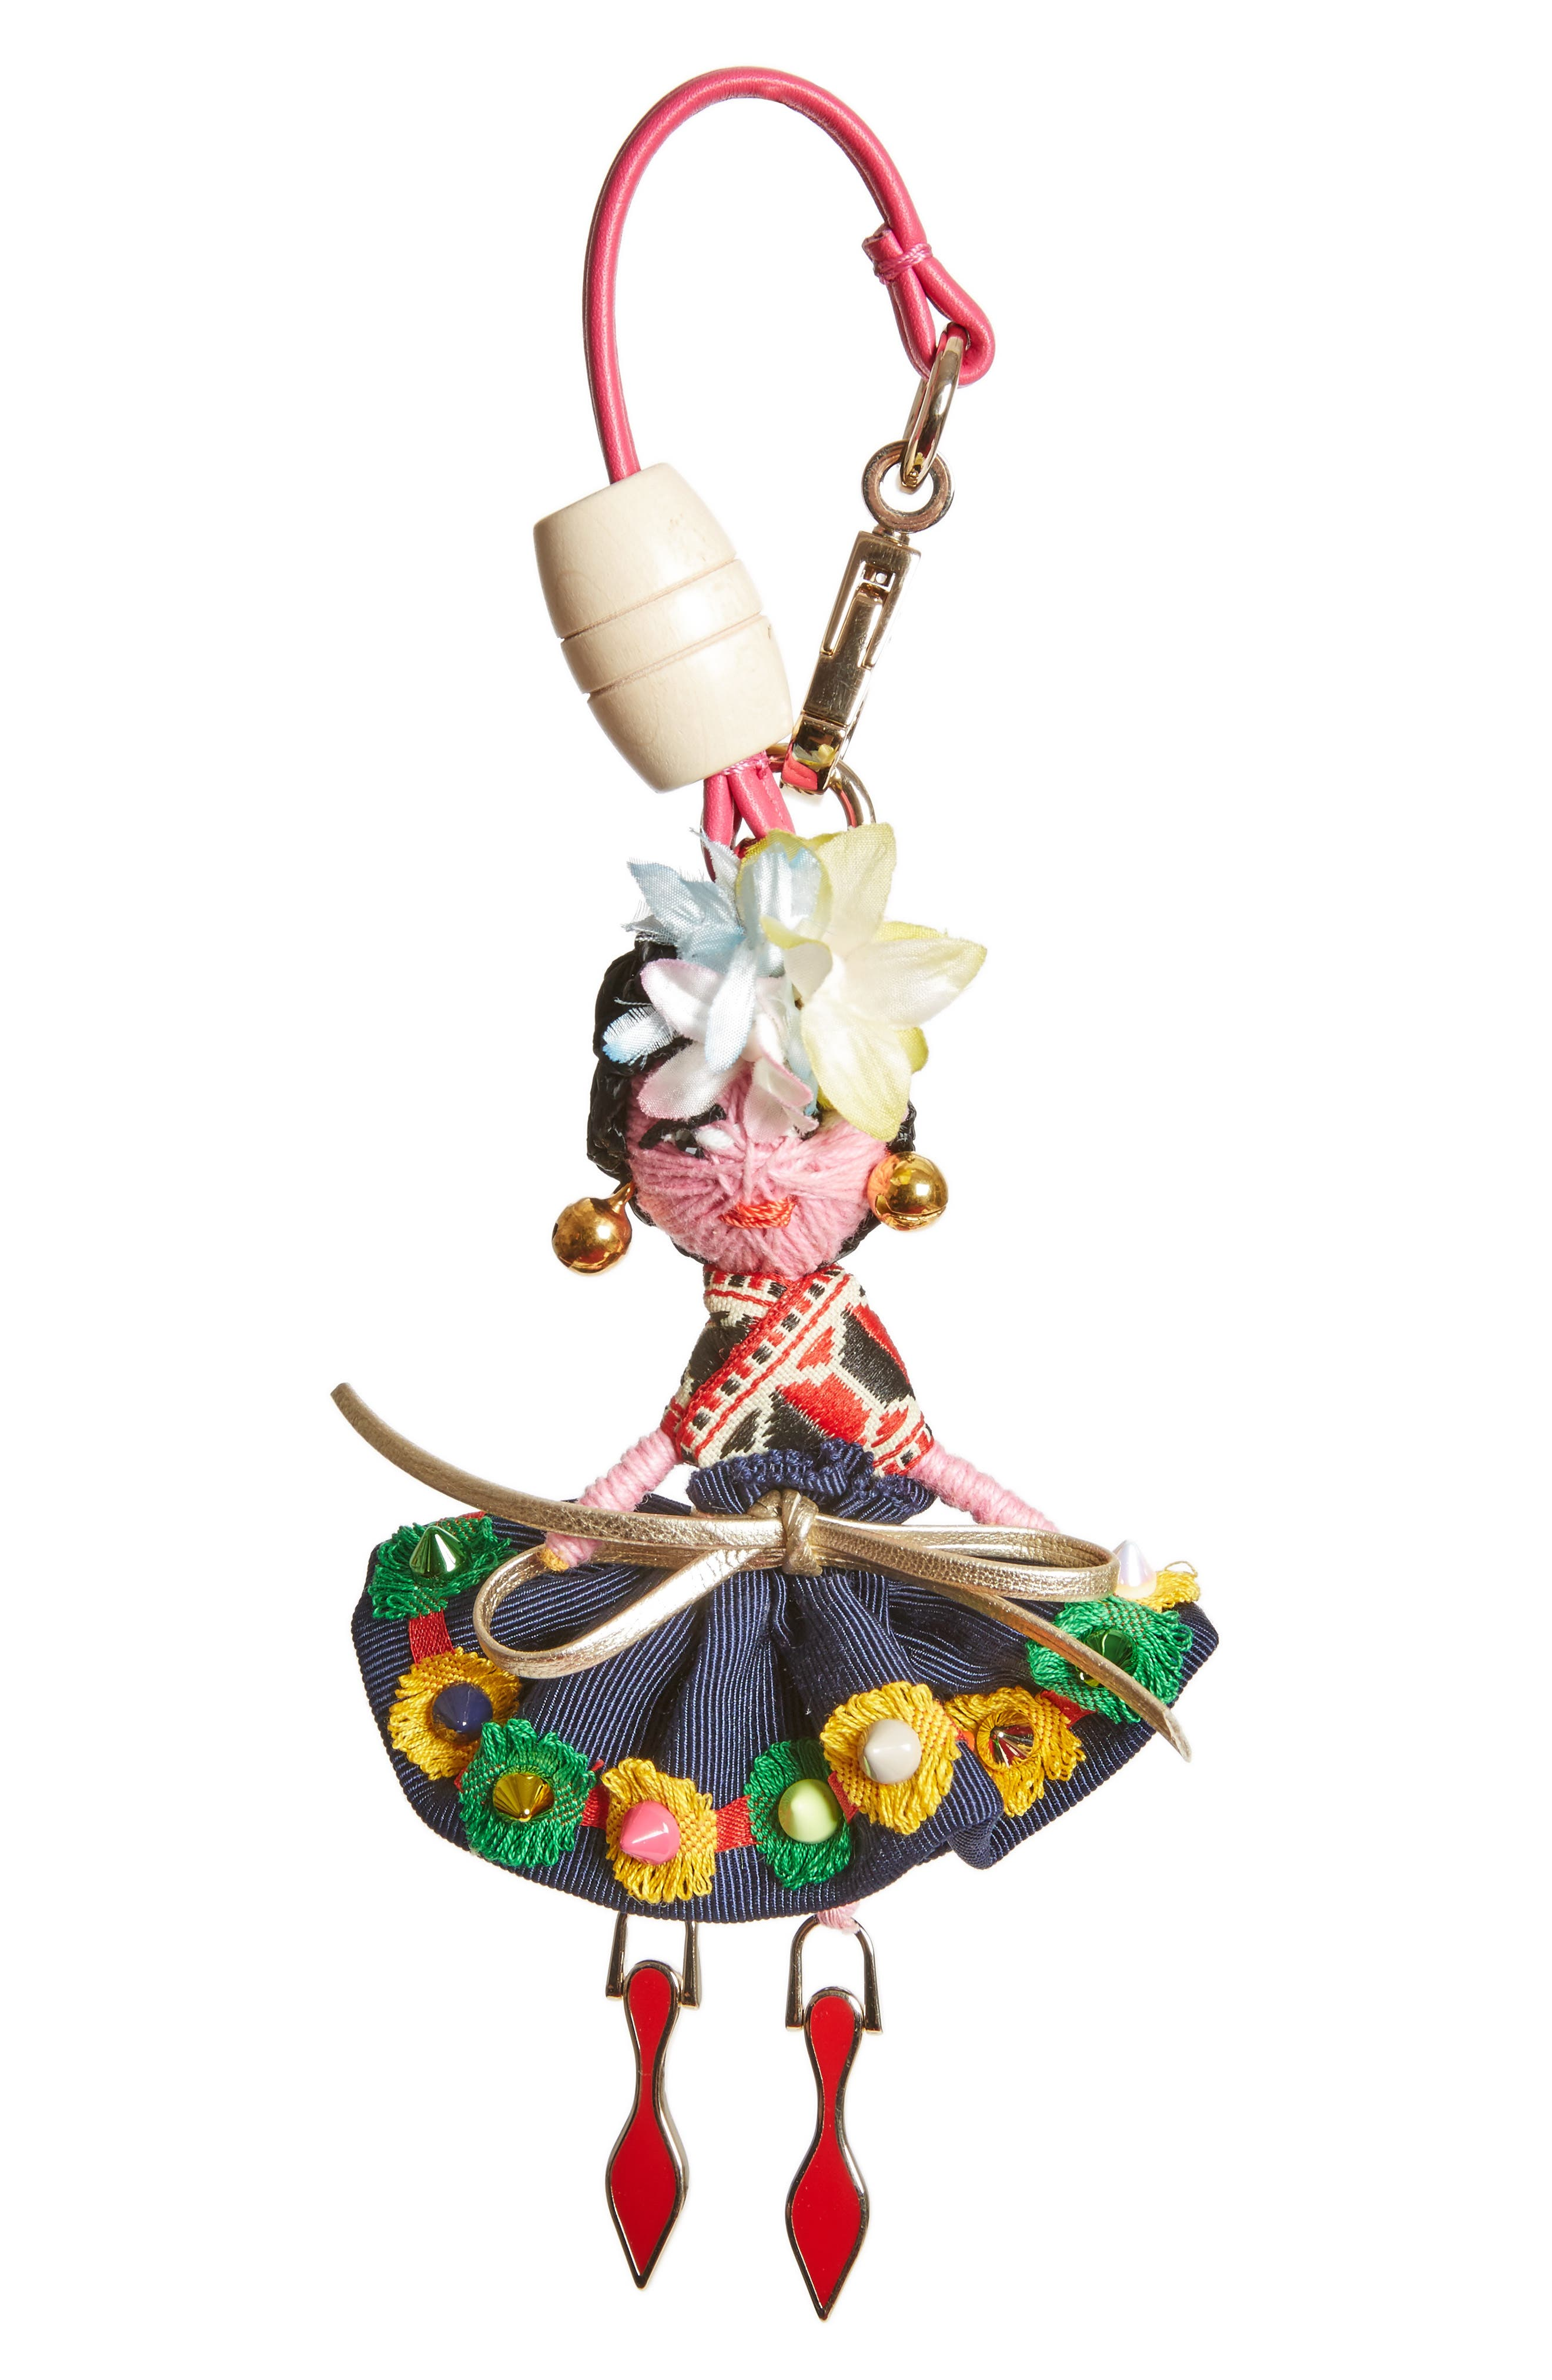 CHRISTIAN LOUBOUTIN Mexiloubi Doll Bag Charm